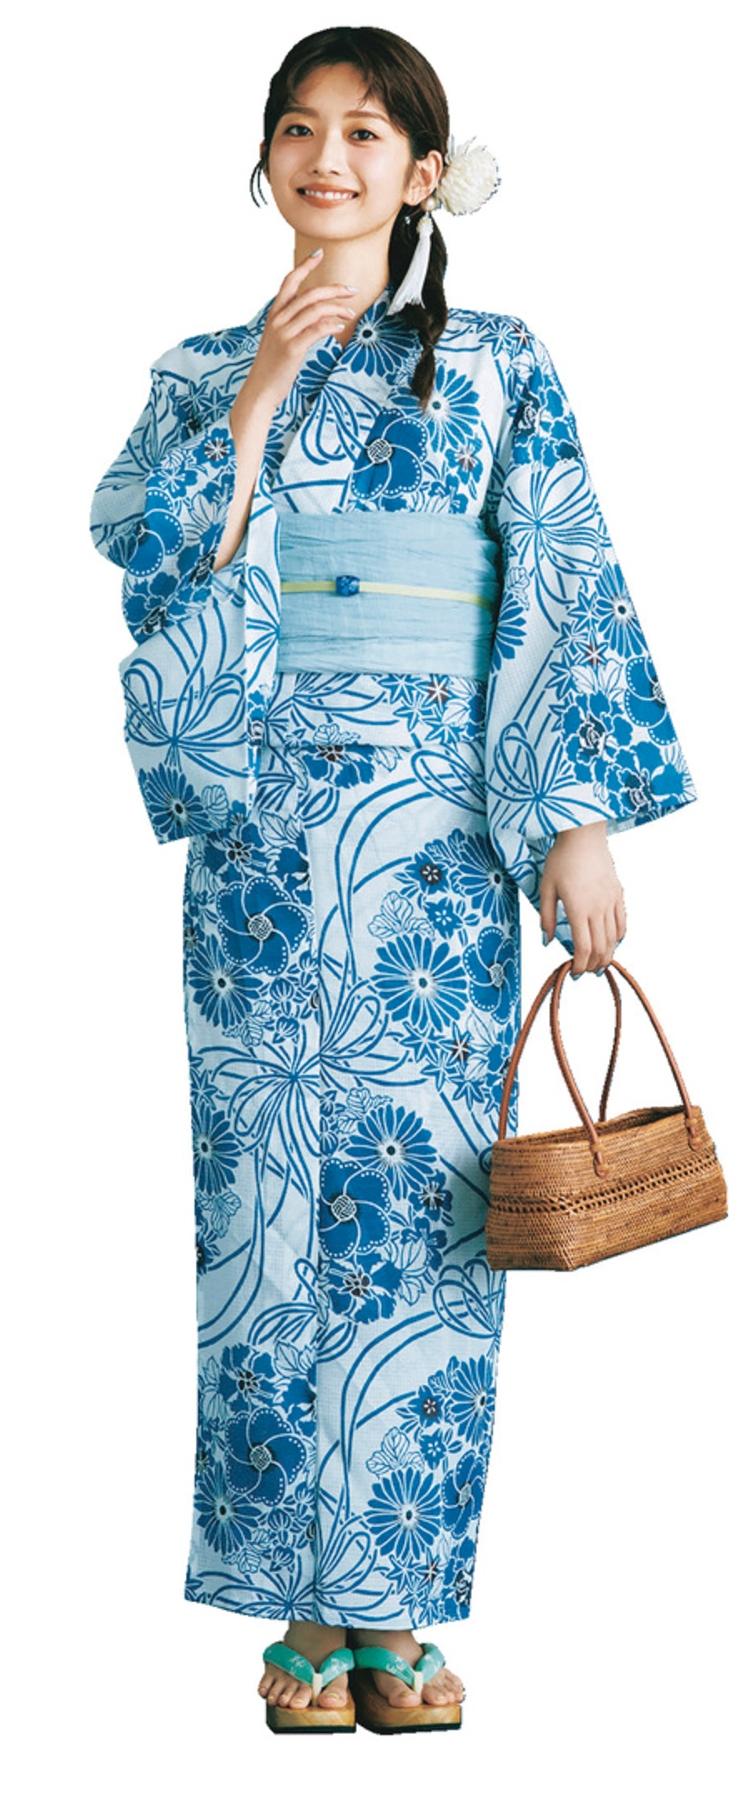 水色の生地に、ブルーの大きな花柄が描かれている浴衣を着たモデルの全身写真。手にはかごバッグを持っており、草履の鼻緒はエメラルドクリーンに近い色。